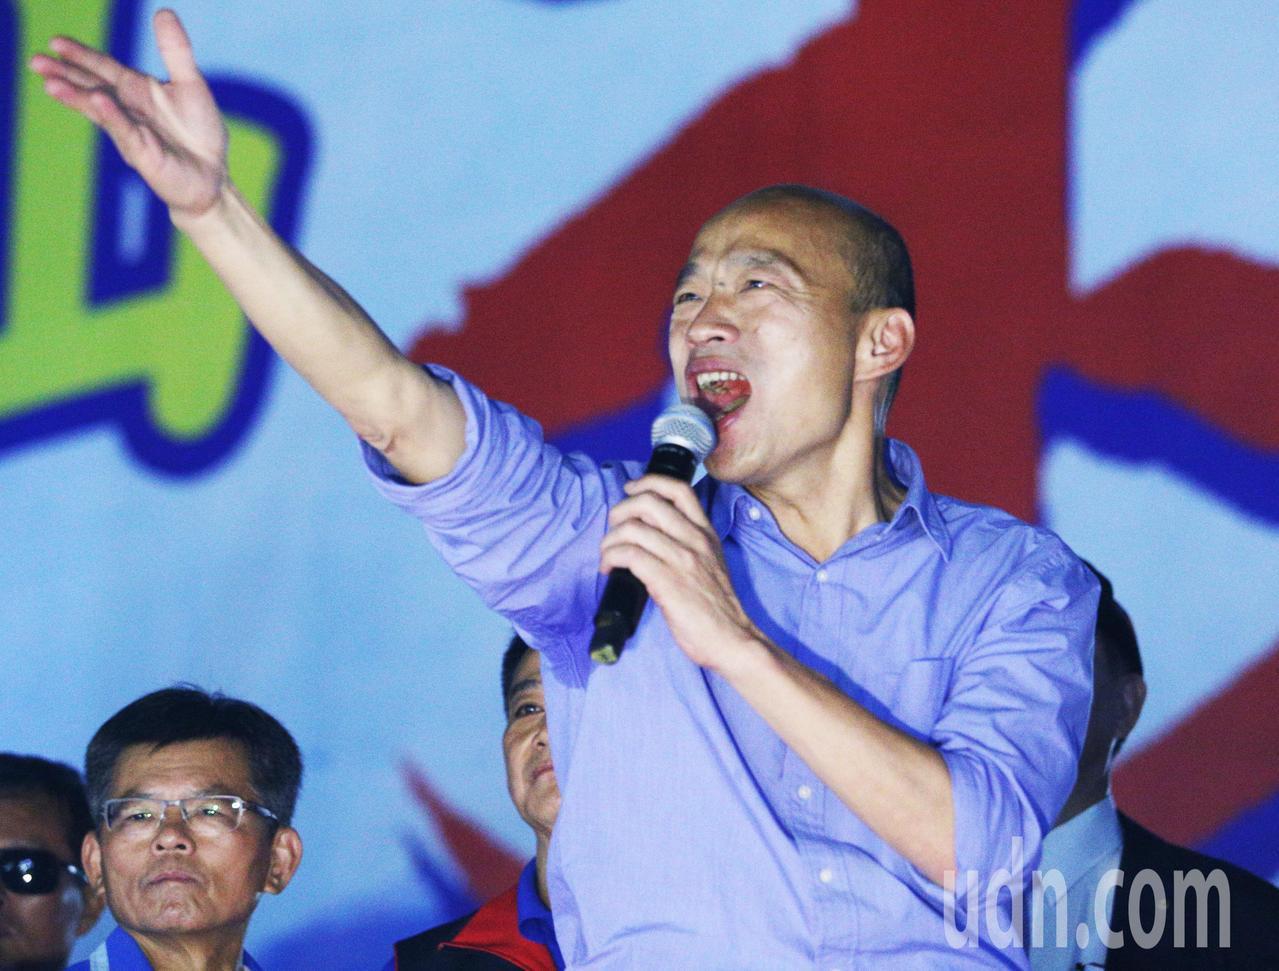 國民黨高雄市長候選人韓國瑜今晚在岡山舉辦造勢晚會,大聲喊出高雄要改變。記者劉學聖...